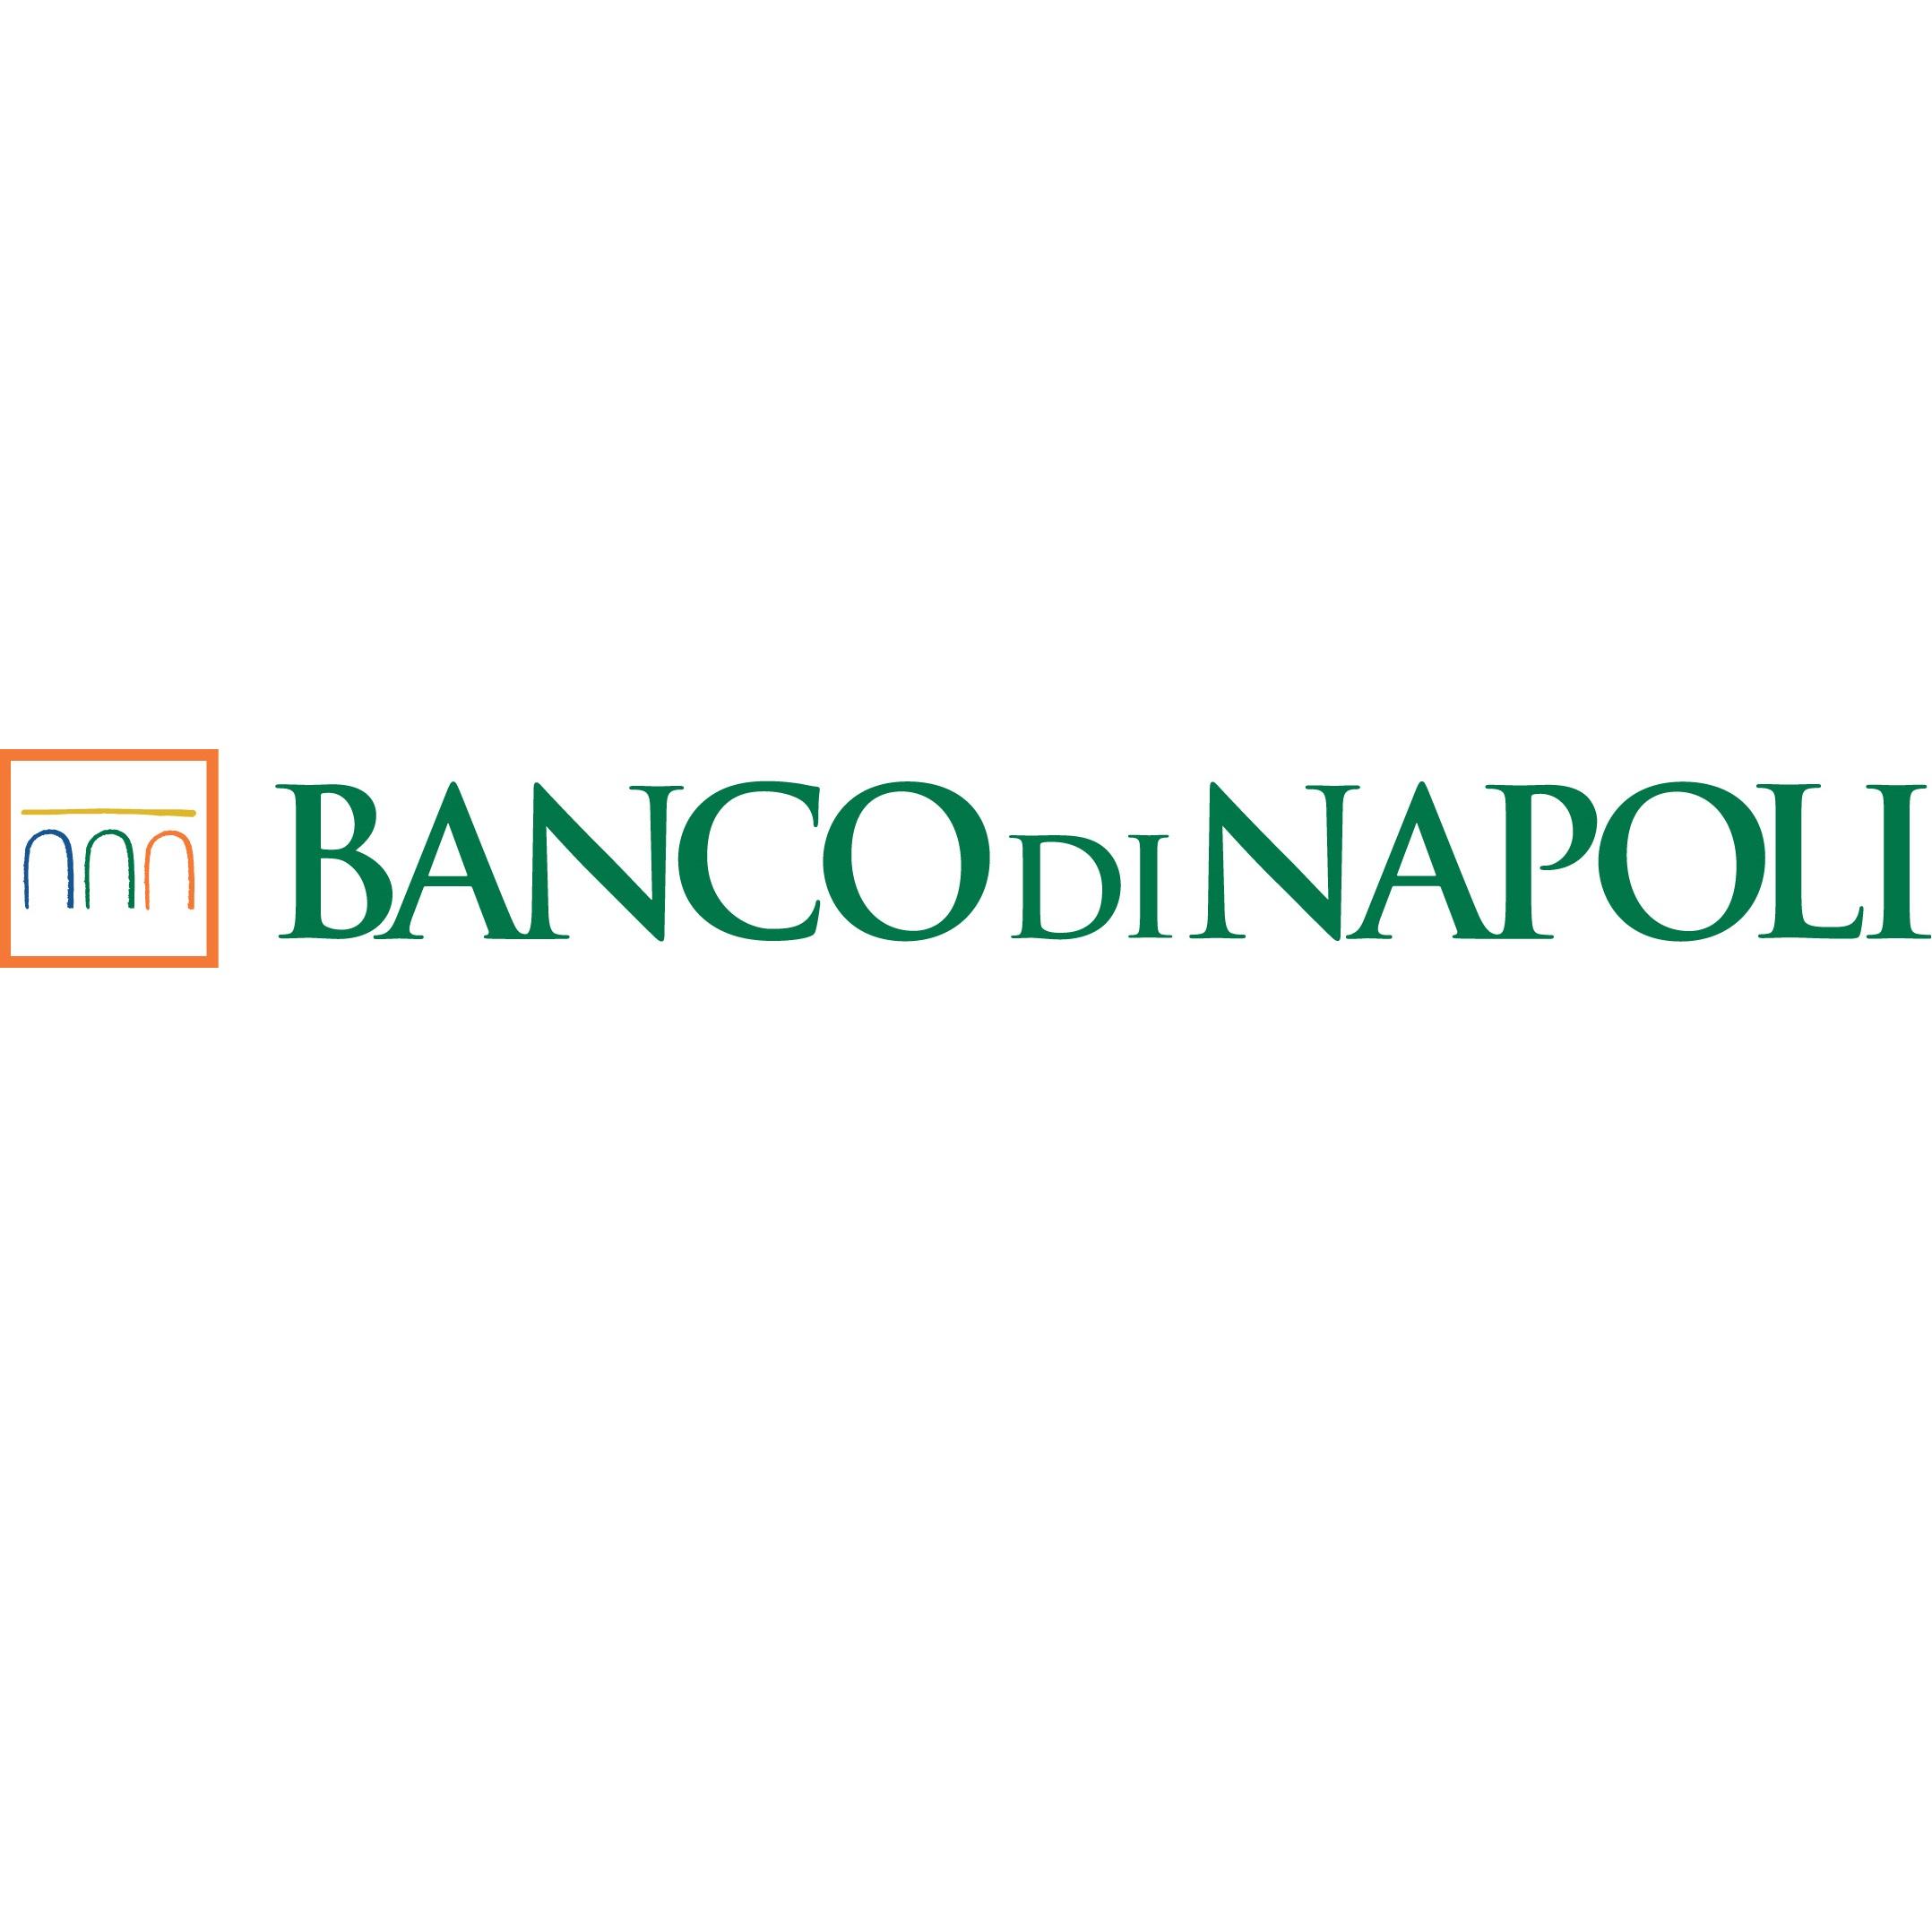 Hub Banco di Napoli - Intesa Sanpaolo